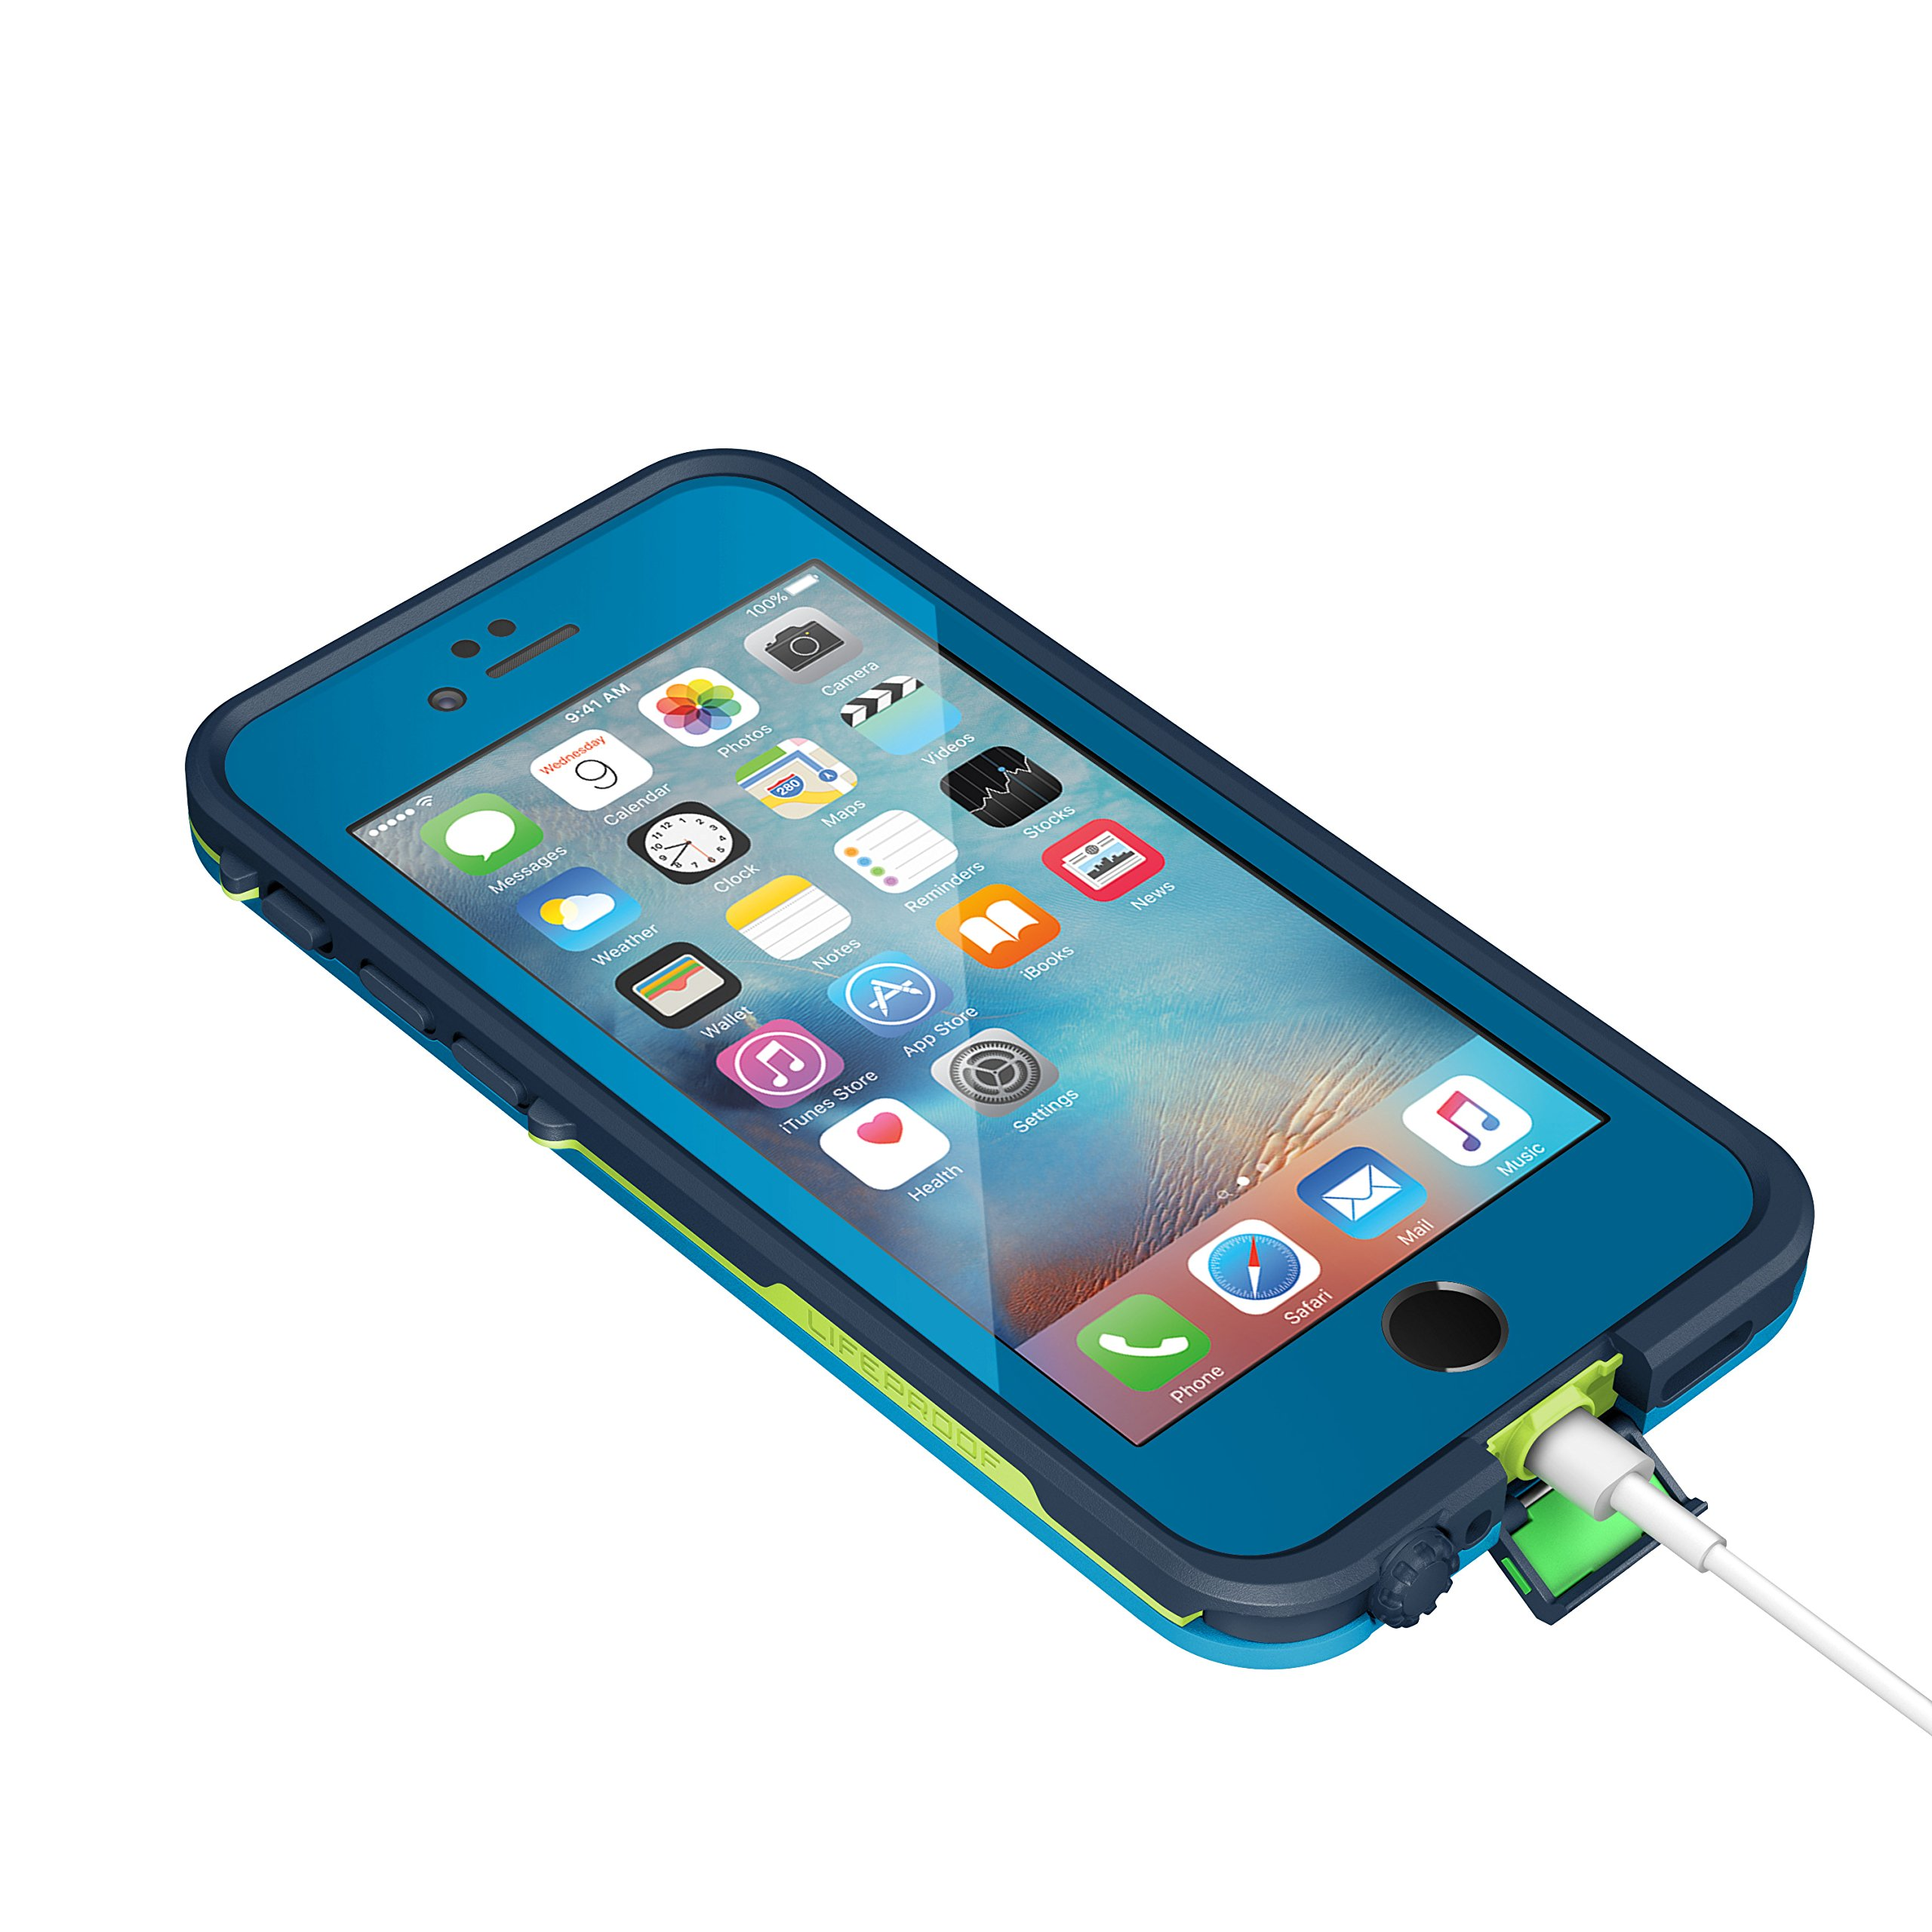 Lifeproof FRĒ SERIES iPhone 6/6s Waterproof Case (4.7'' Version) - Retail Packaging - BANZAI (COWABUNGA/WAVE CRASH/LONGBOARD) by LifeProof (Image #5)